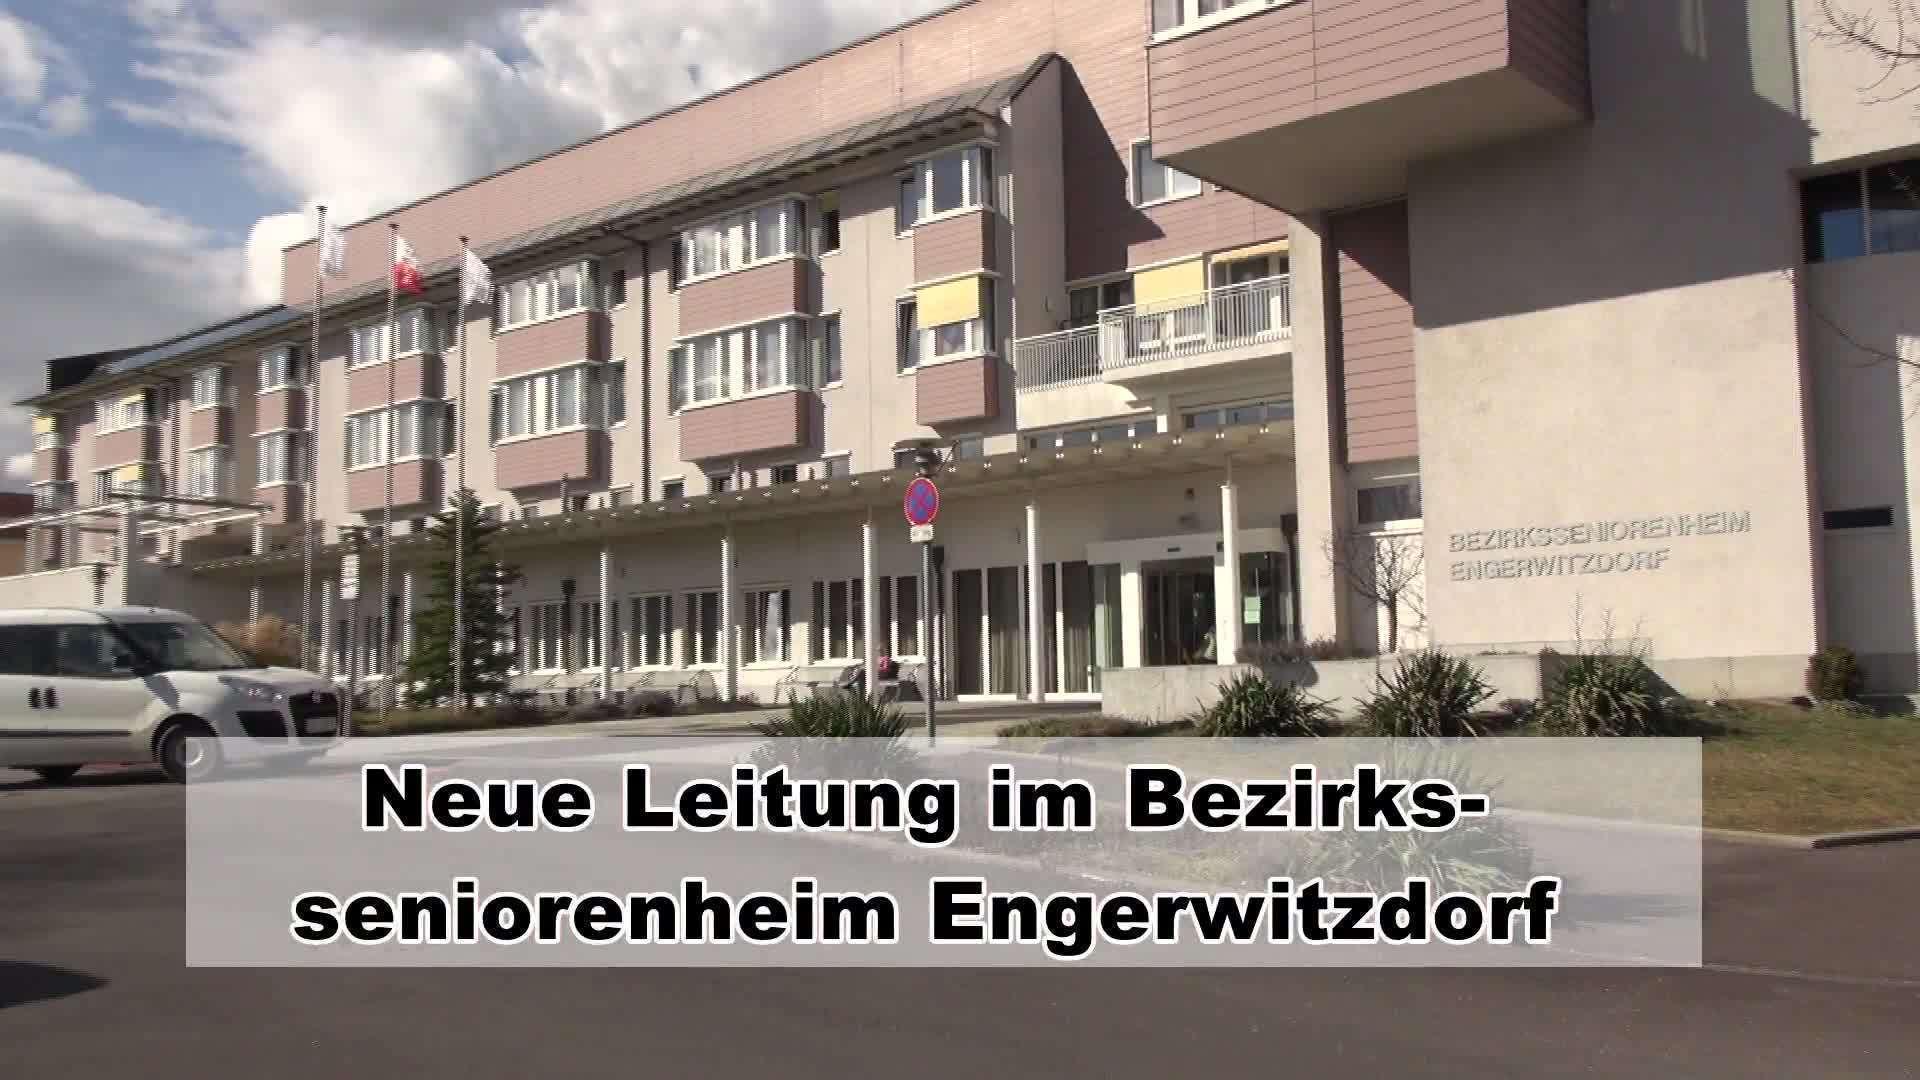 Bezirksseniorenheim - Neue Leitung